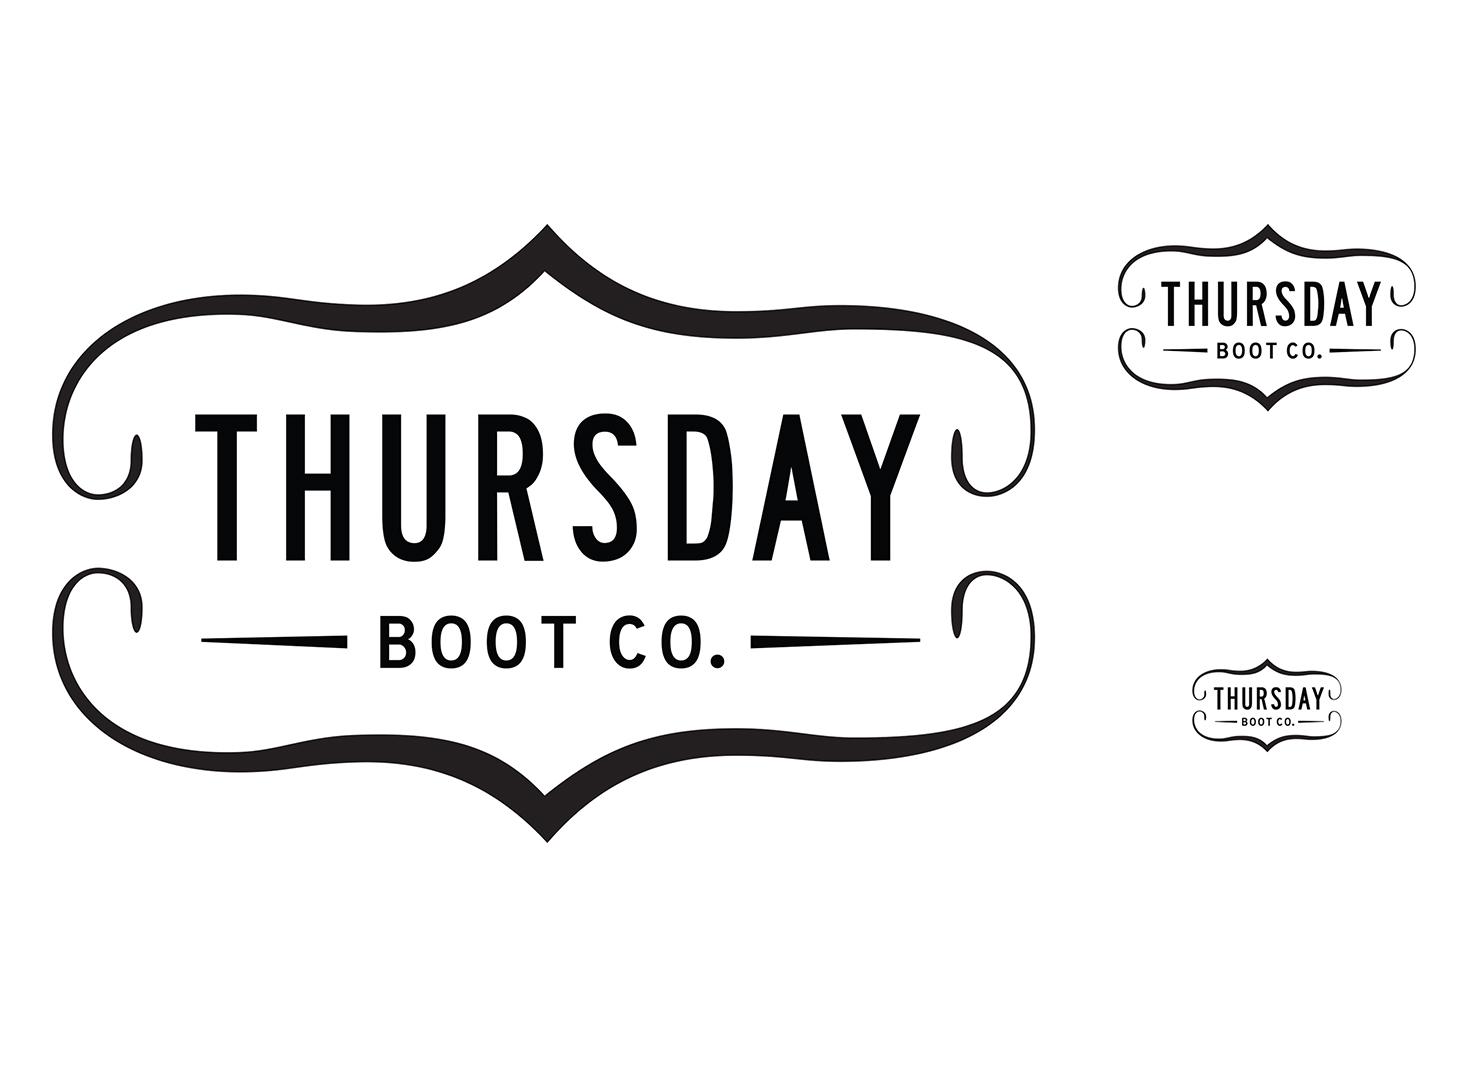 thursday.logo4site.jpg